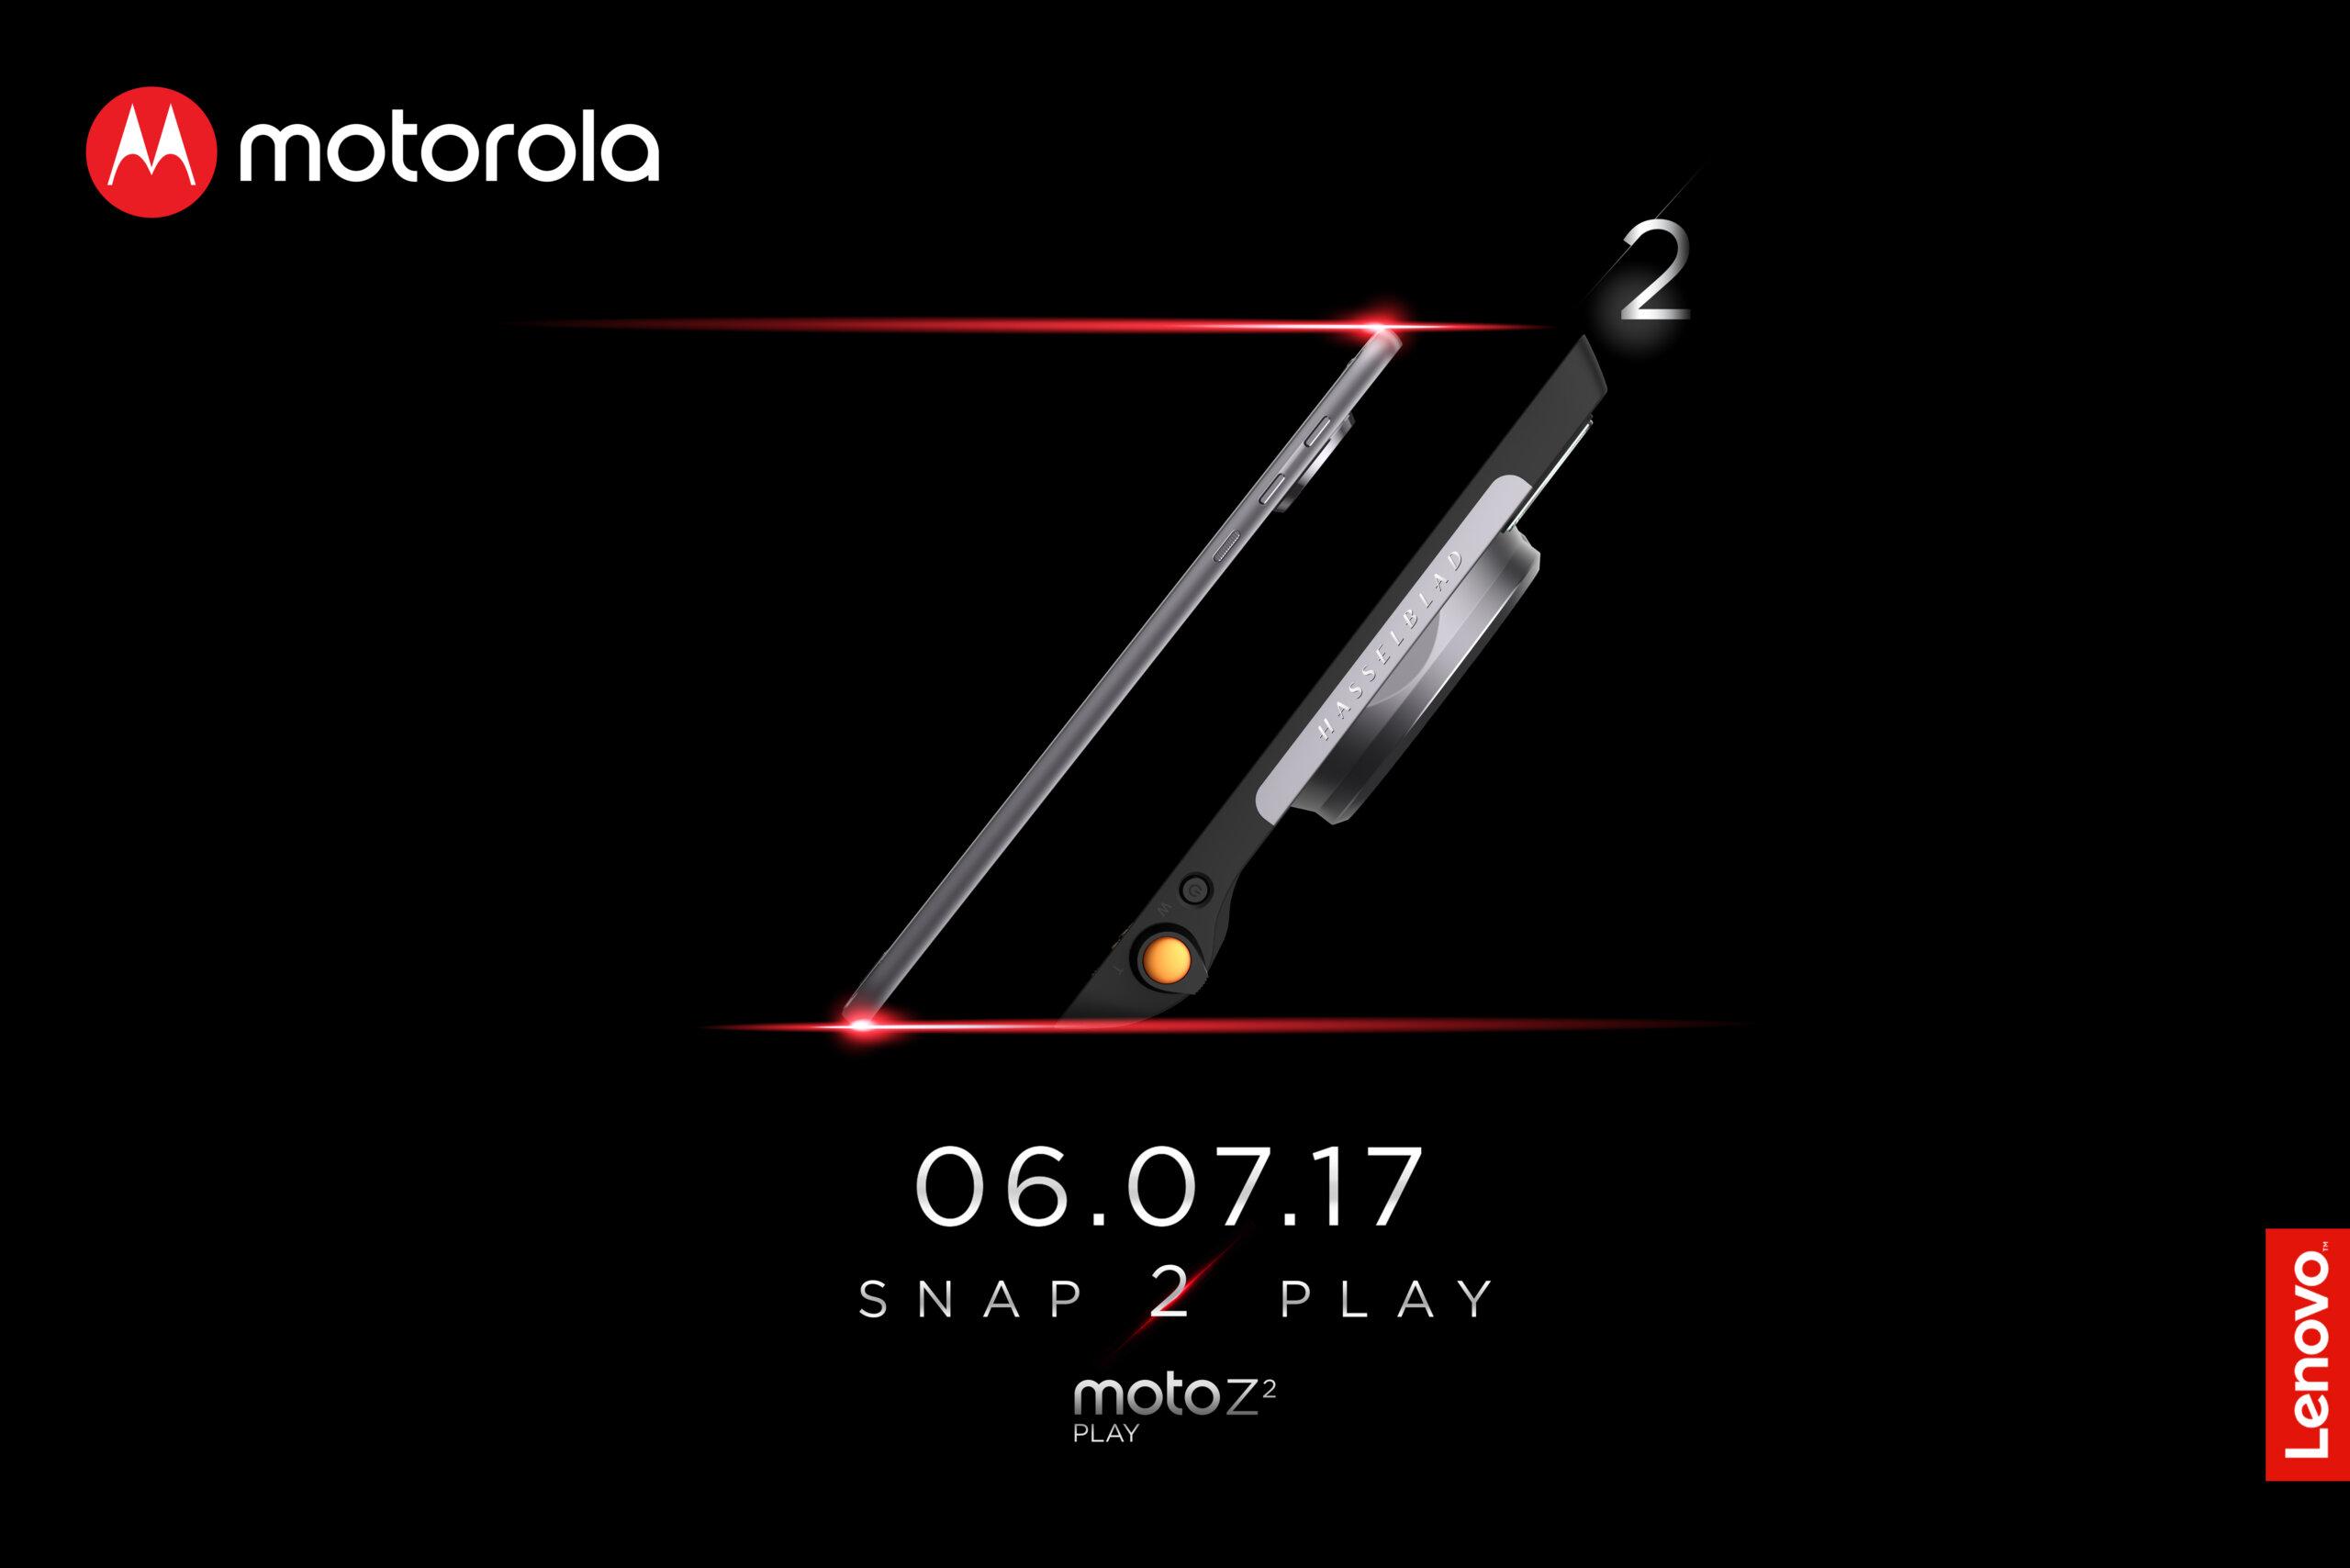 Moto z2 play teaser opt3 V5 scaled